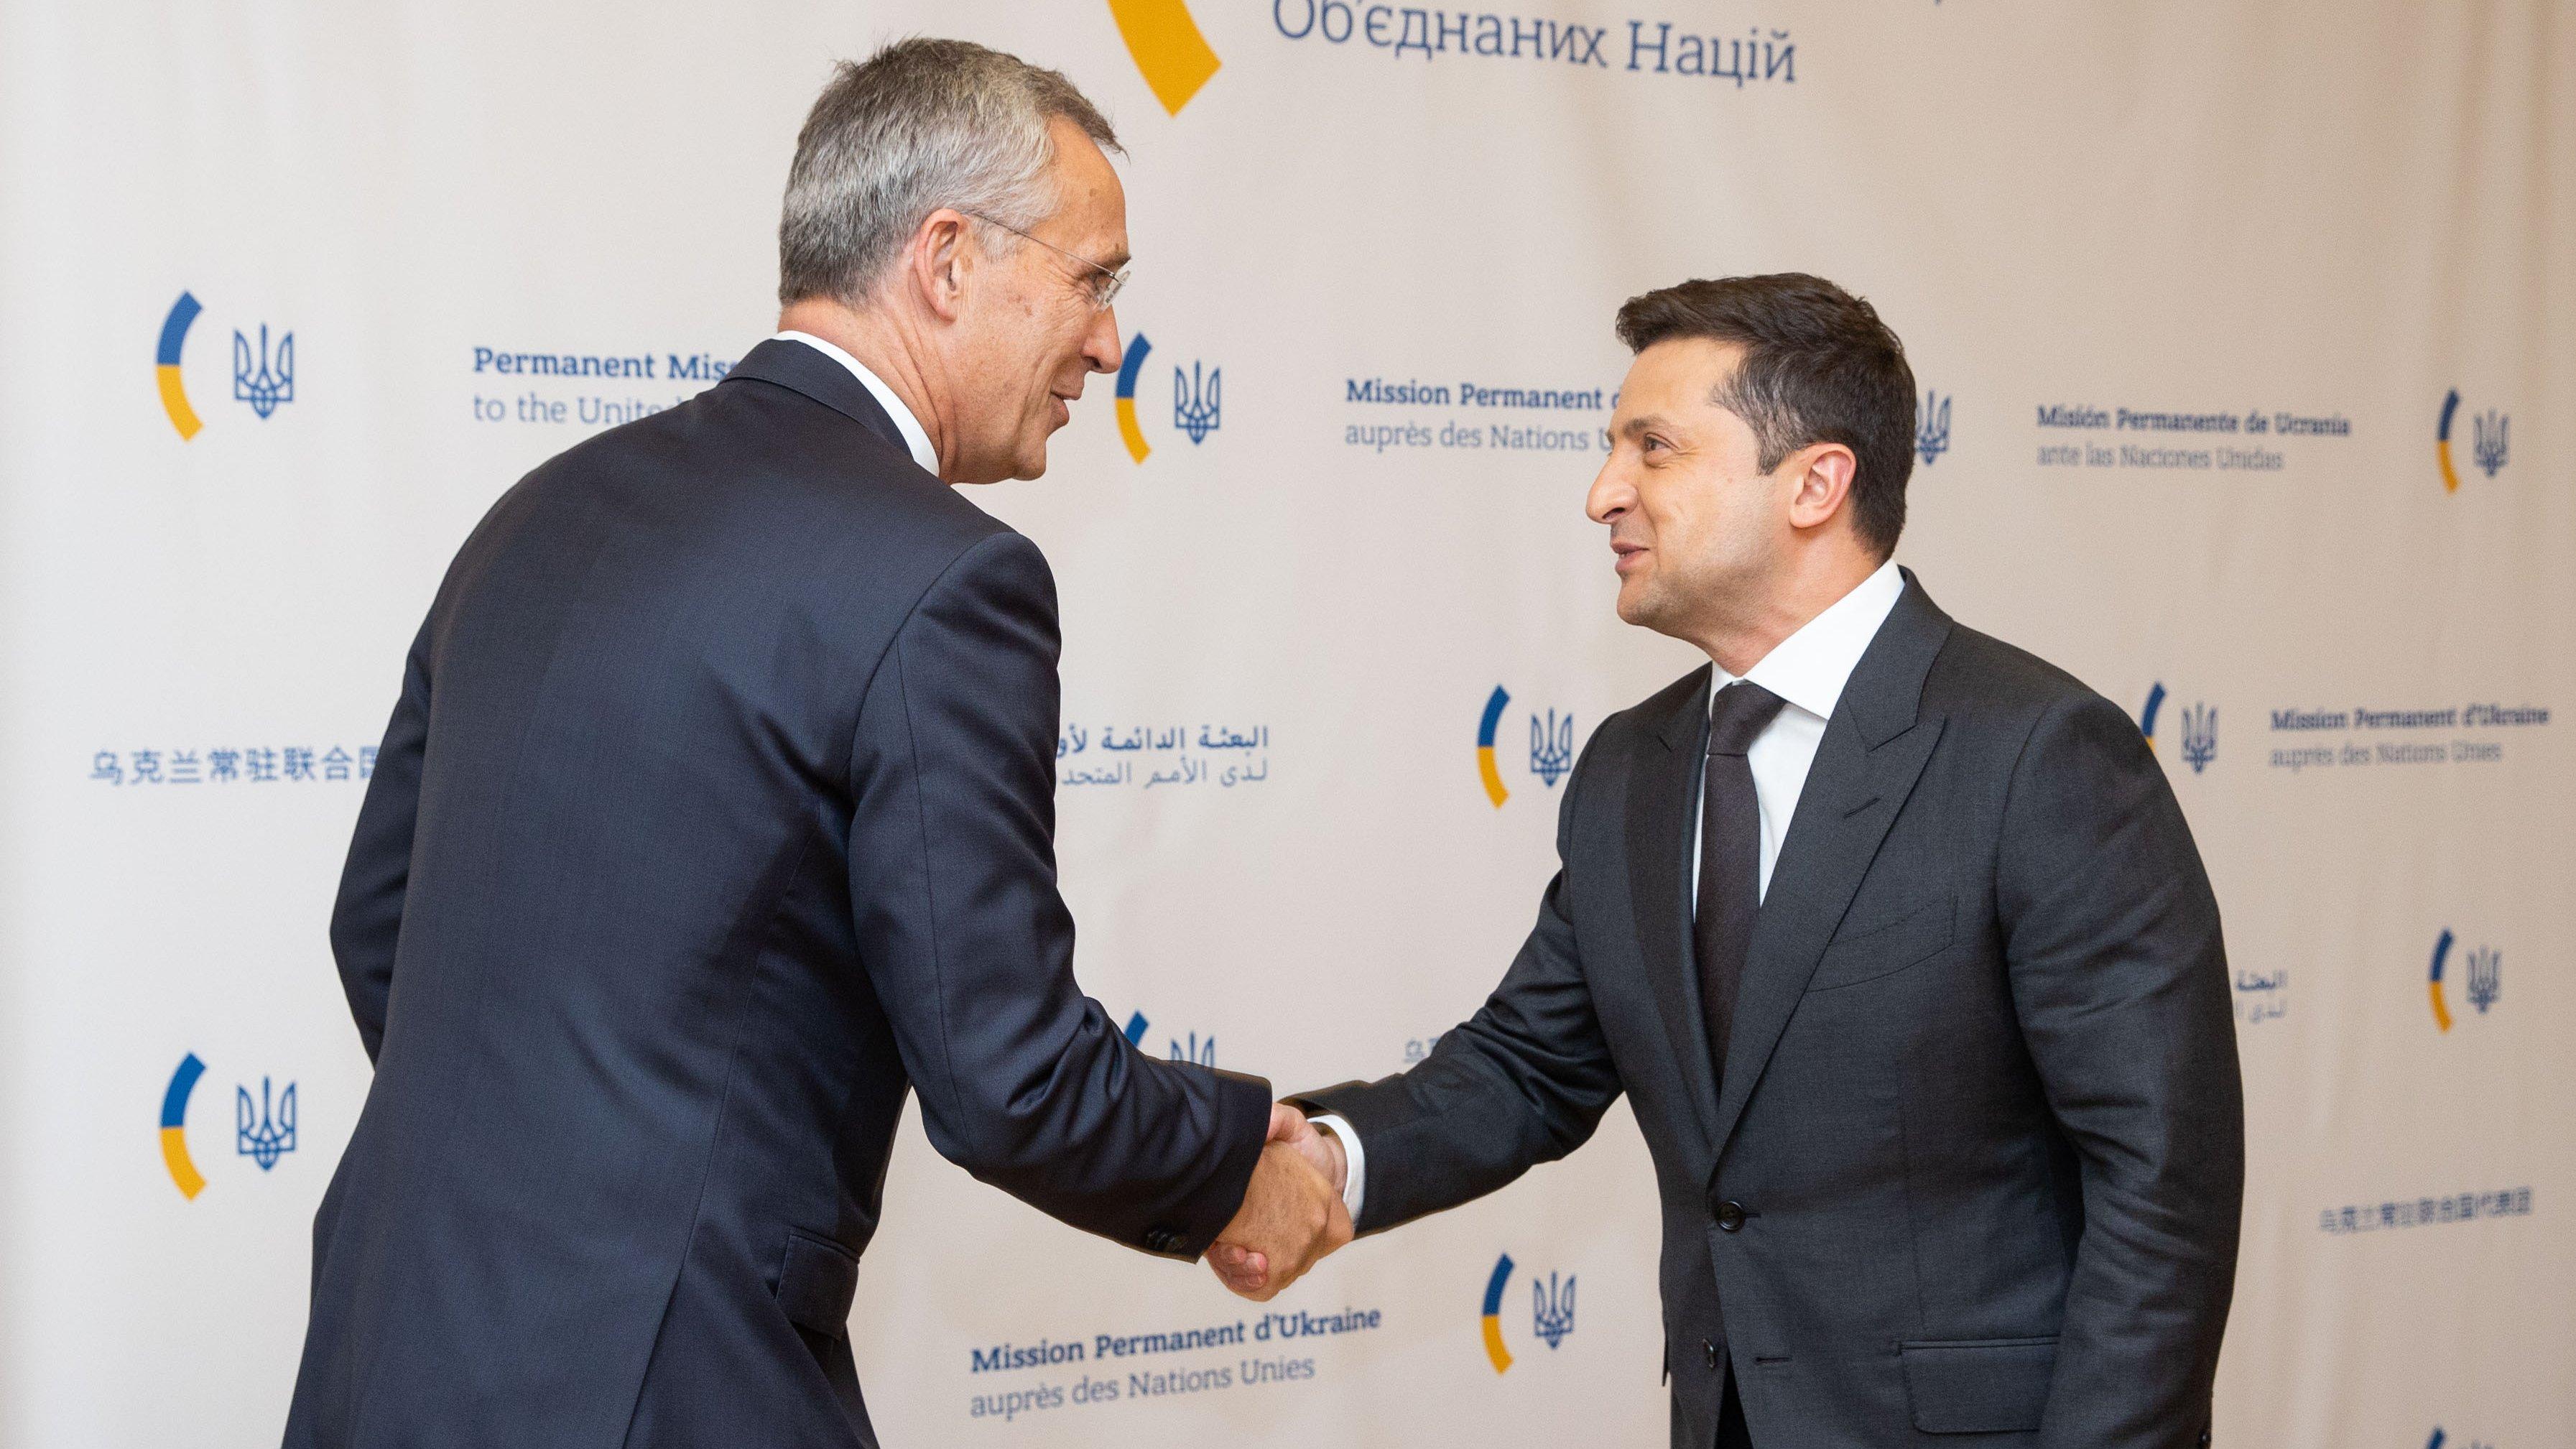 Зеленський зустрівся з генсеком НАТО у США/ фото Зеленський/Twitter